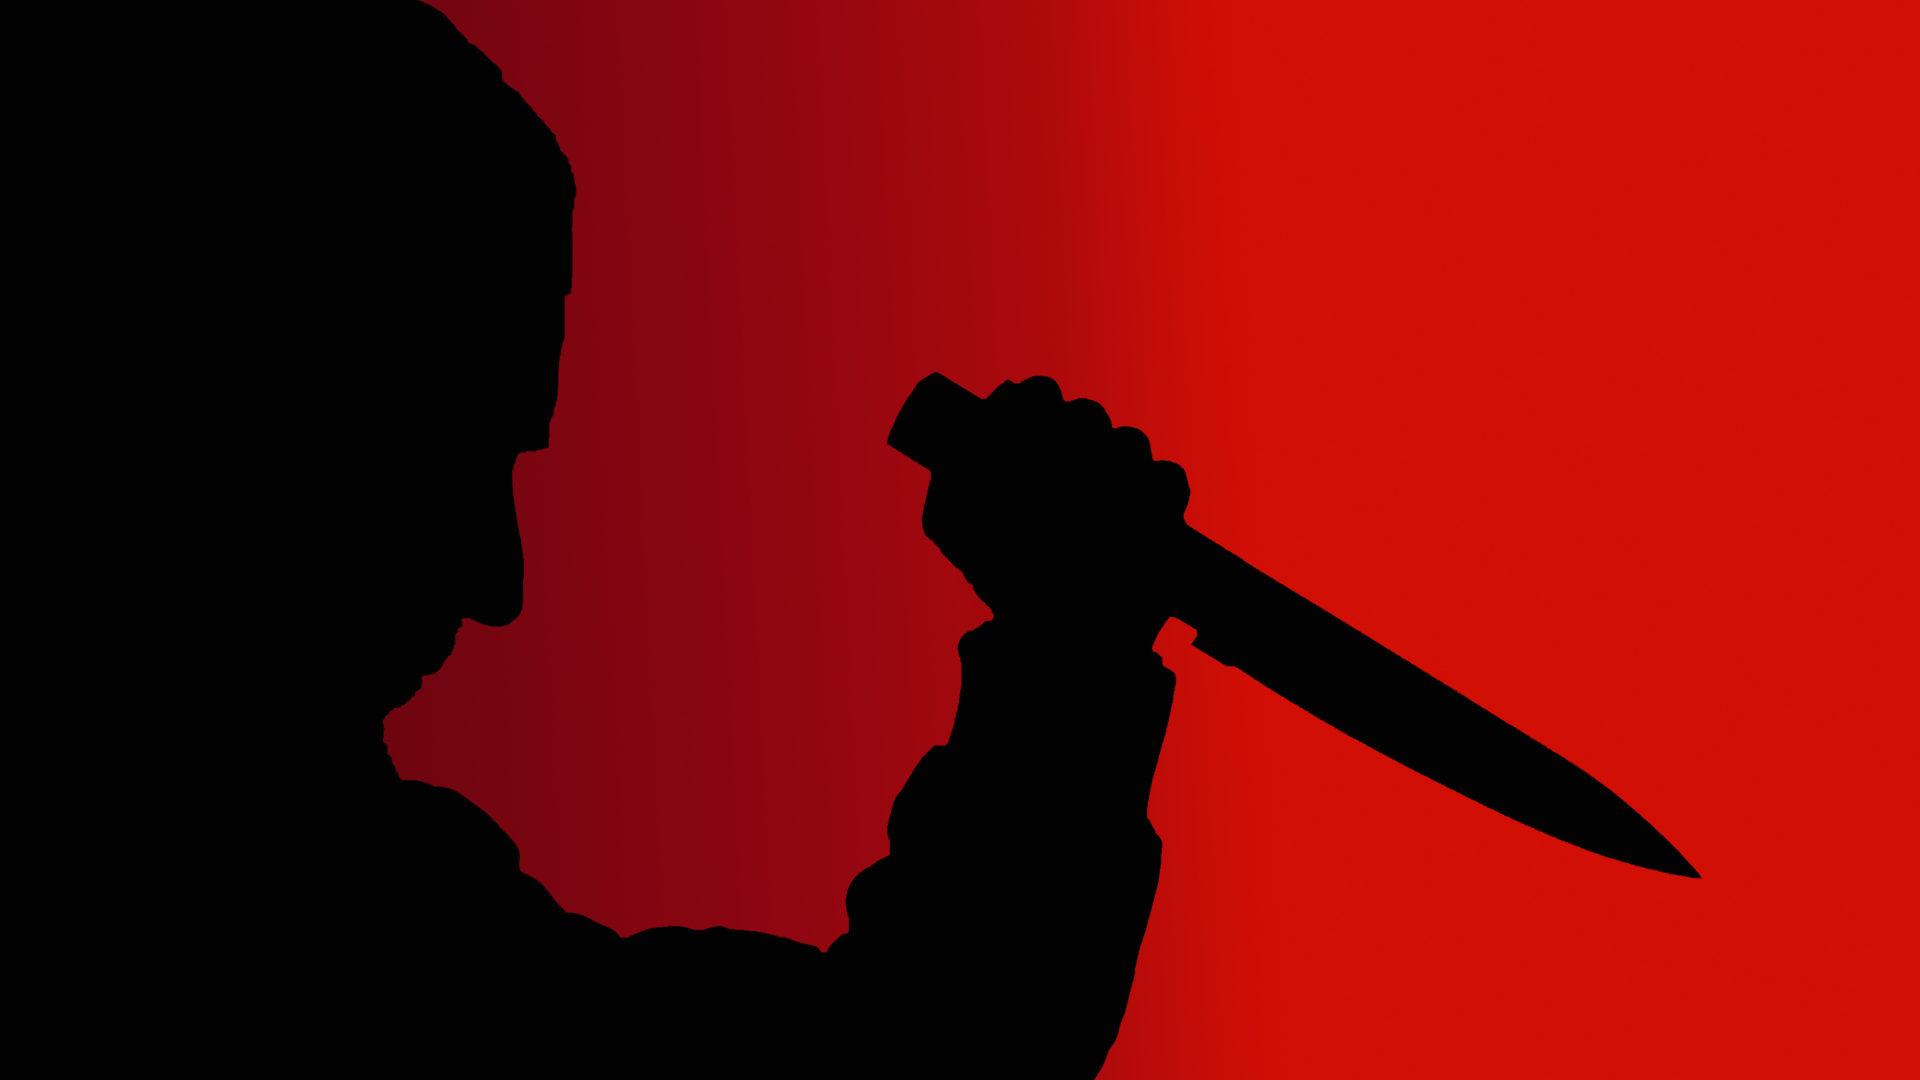 Rikoksista tuomituista 10-30 prosenttia on psykopaatteja.